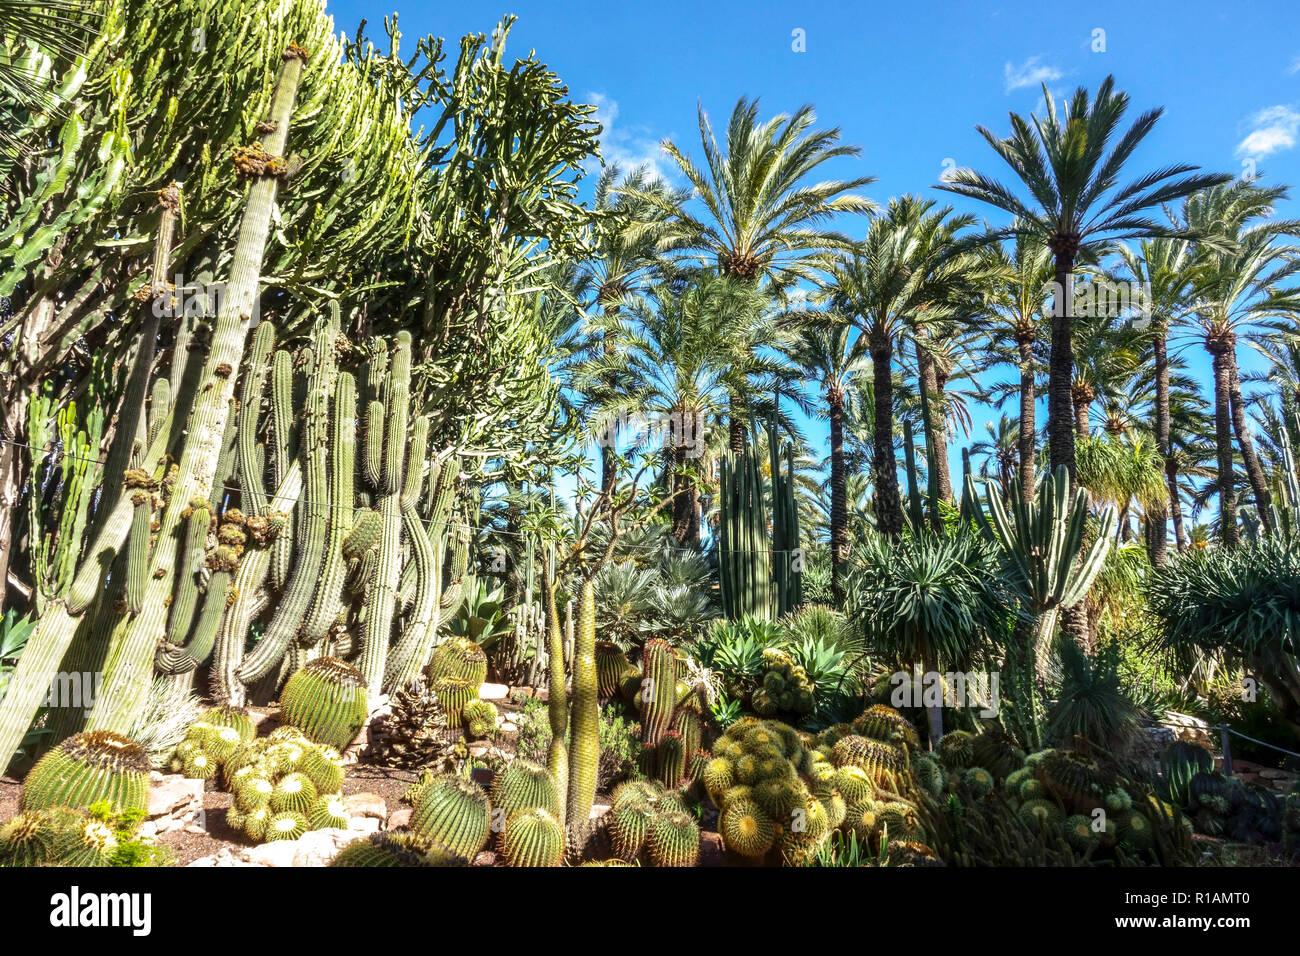 España Elche El Jardín Botánico El Huerto Del Cura La Palmera De La Provincia De Alicante Comunidad Valenciana Fotografía De Stock Alamy